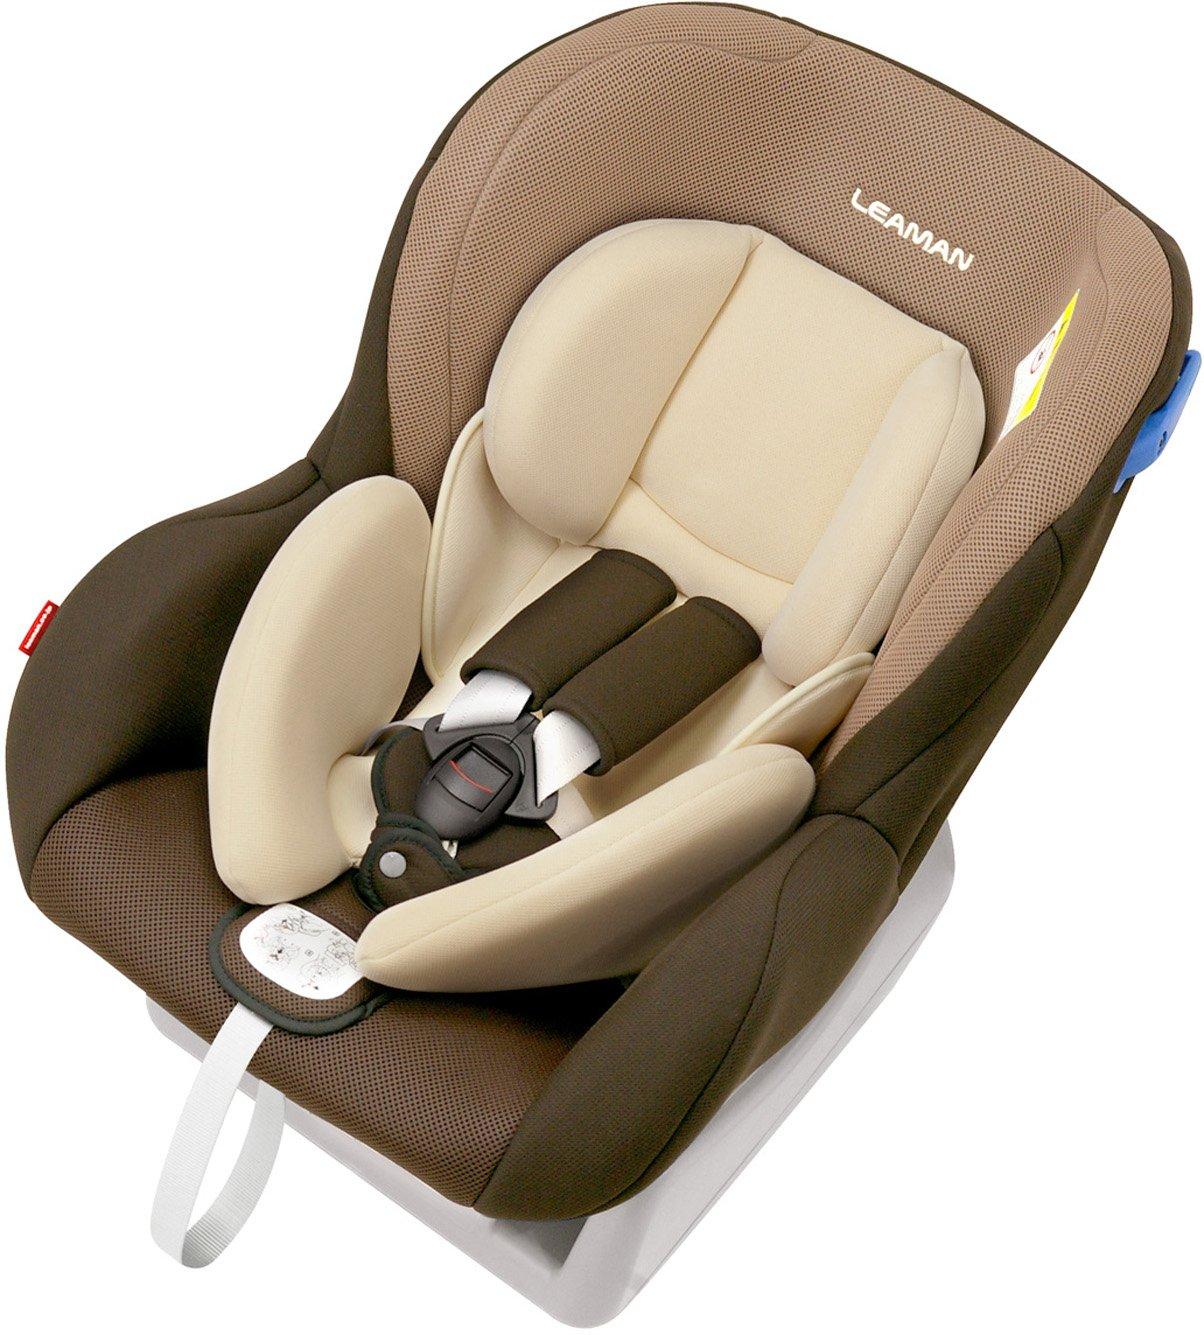 リーマンの新生児向けチャイルドシート